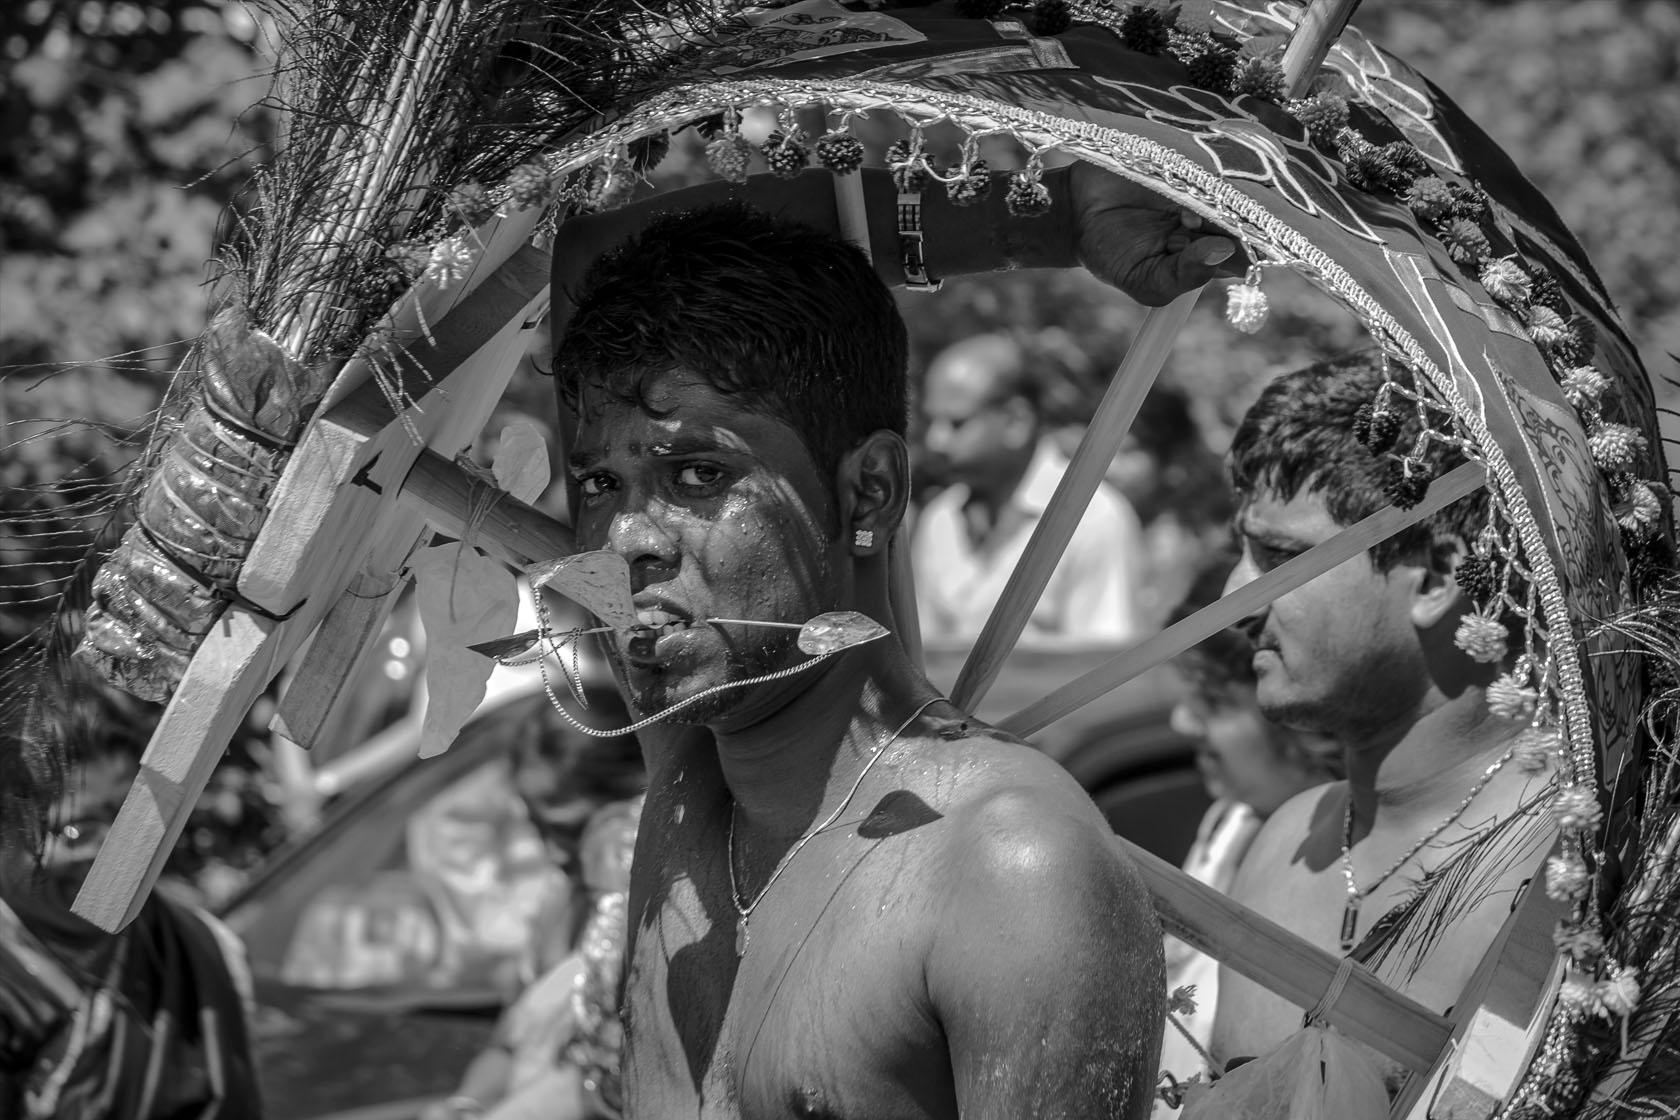 Mensch_Hindu_2